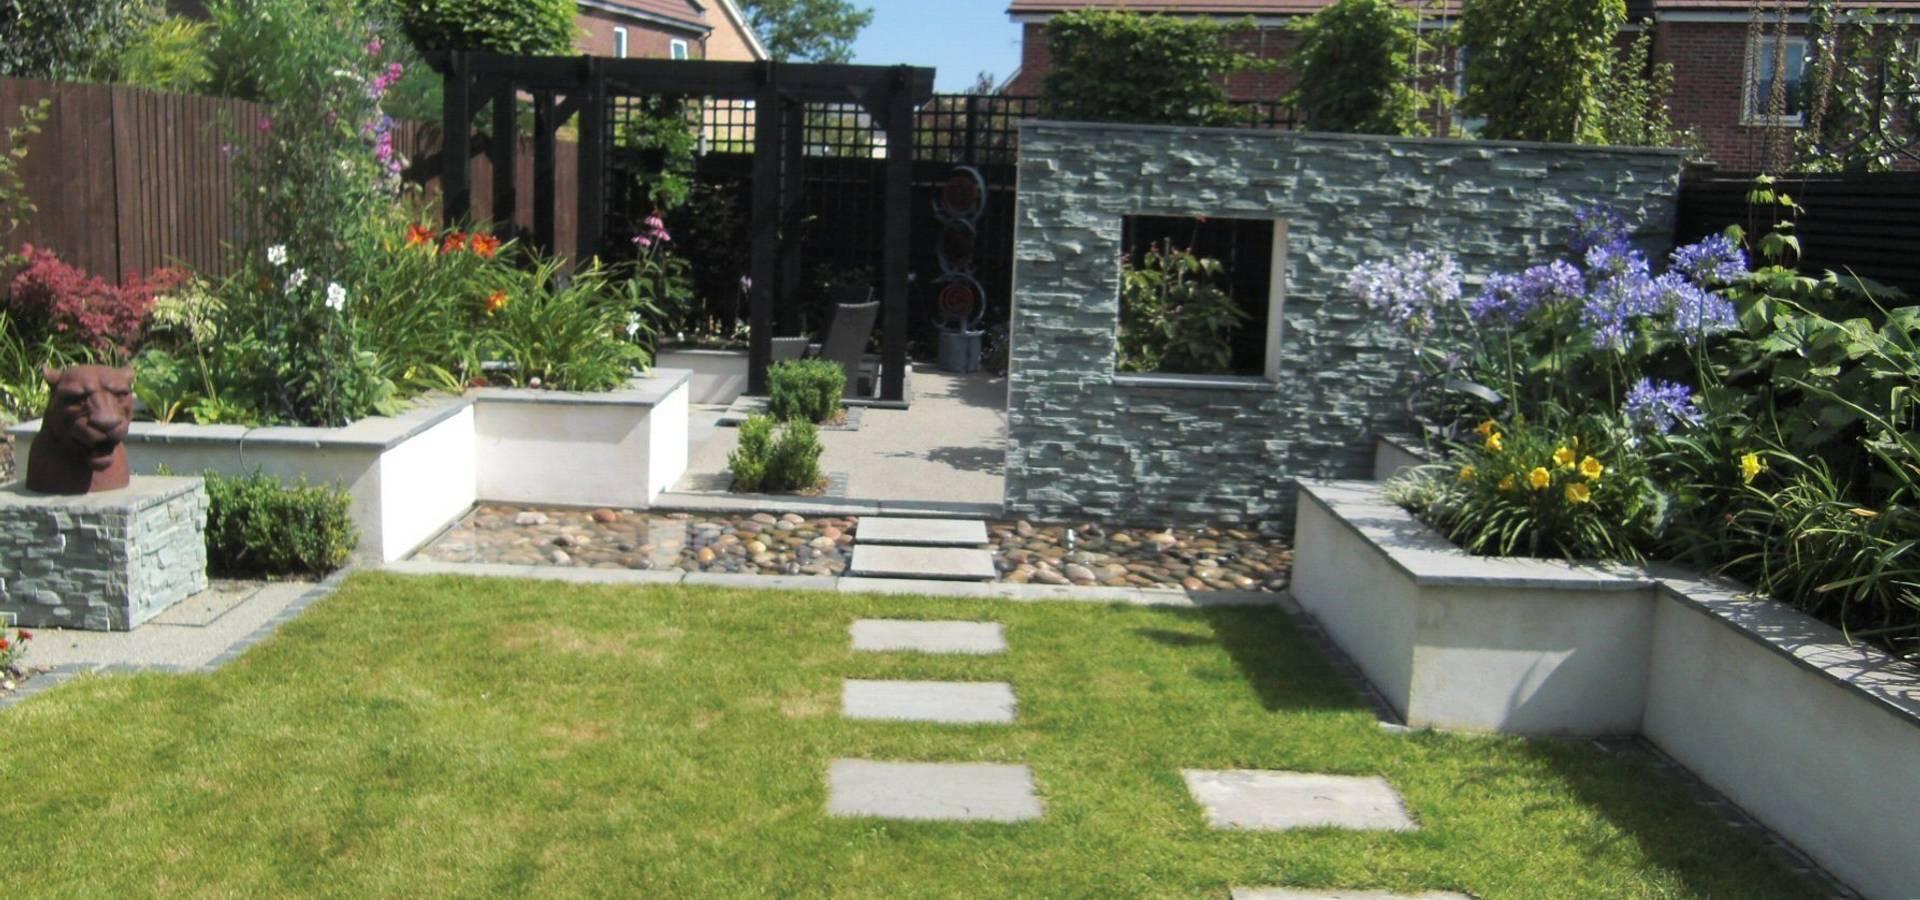 Linsey evans garden design profesjonali ci w kategorii for Garden design 1920 s